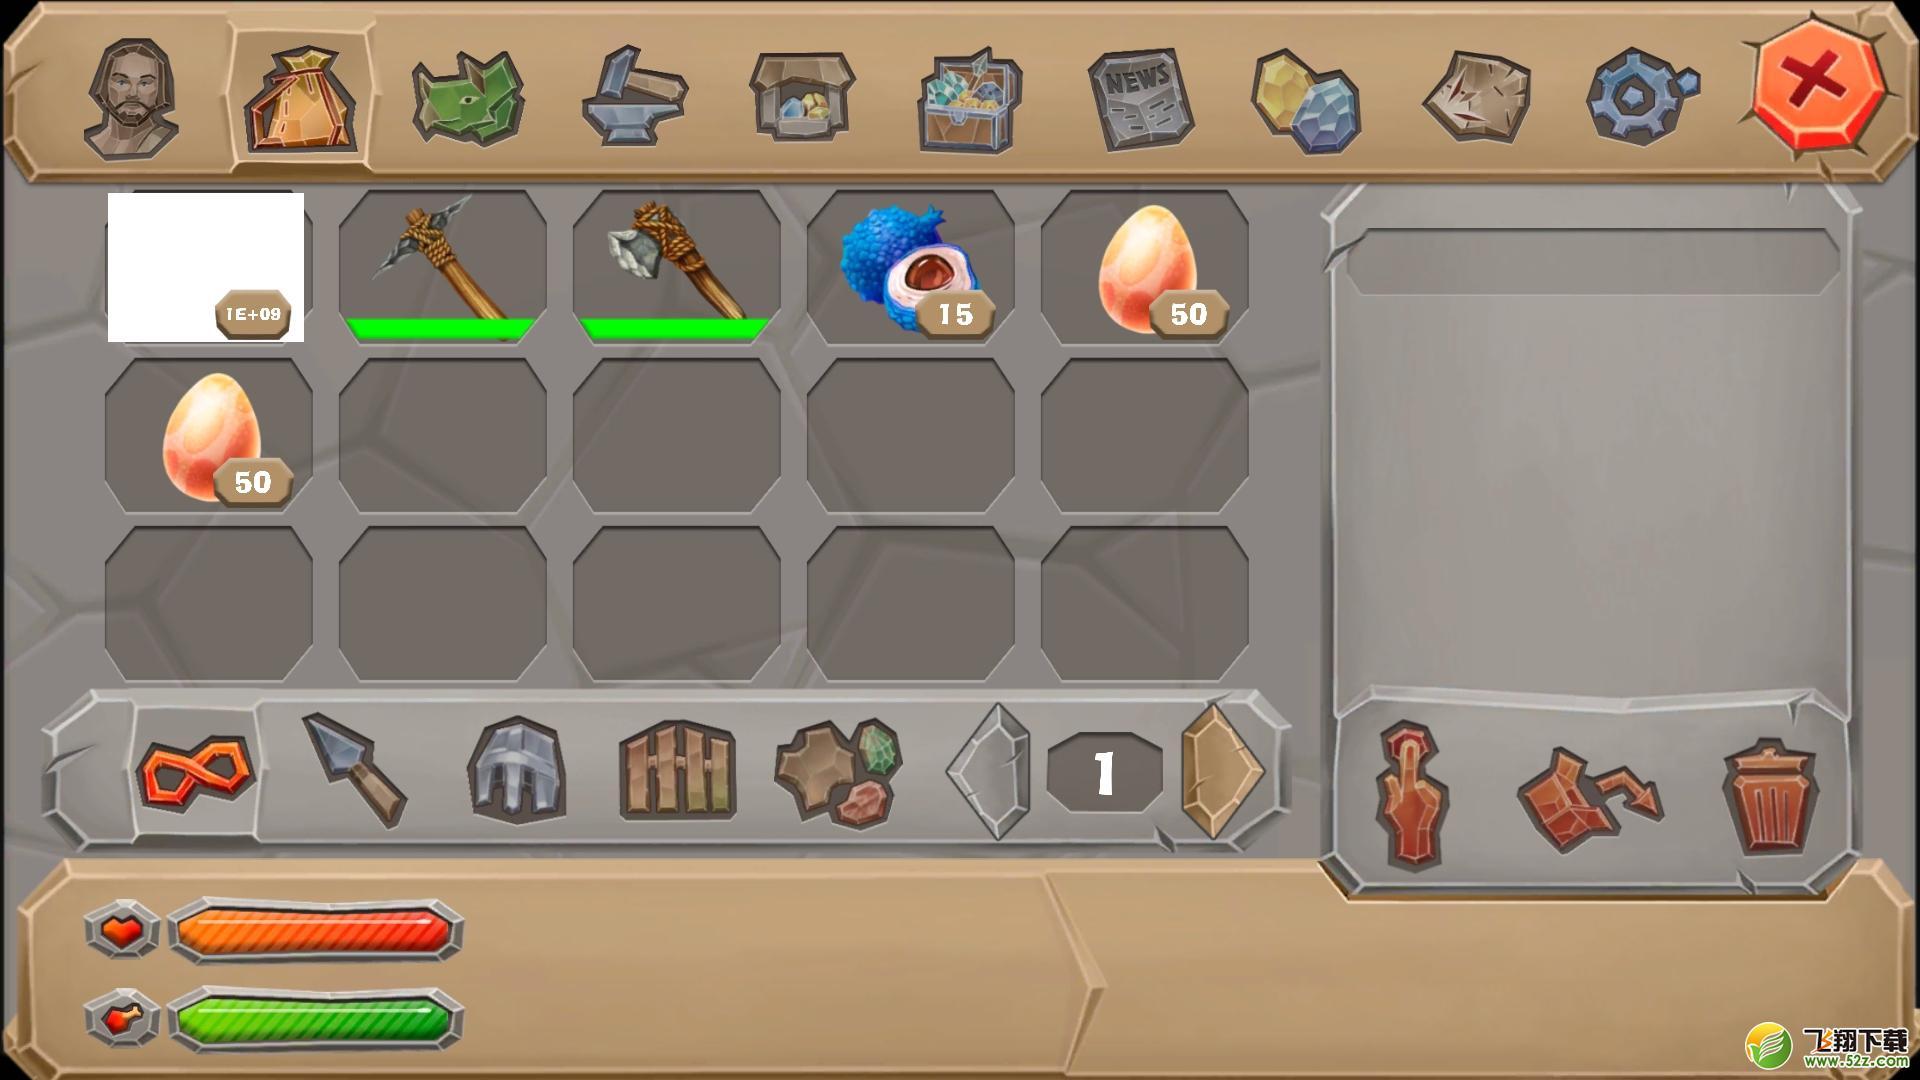 侏罗纪孤岛求生方舟2破解版是一款以侏罗纪时代为背景的模拟生存冒险